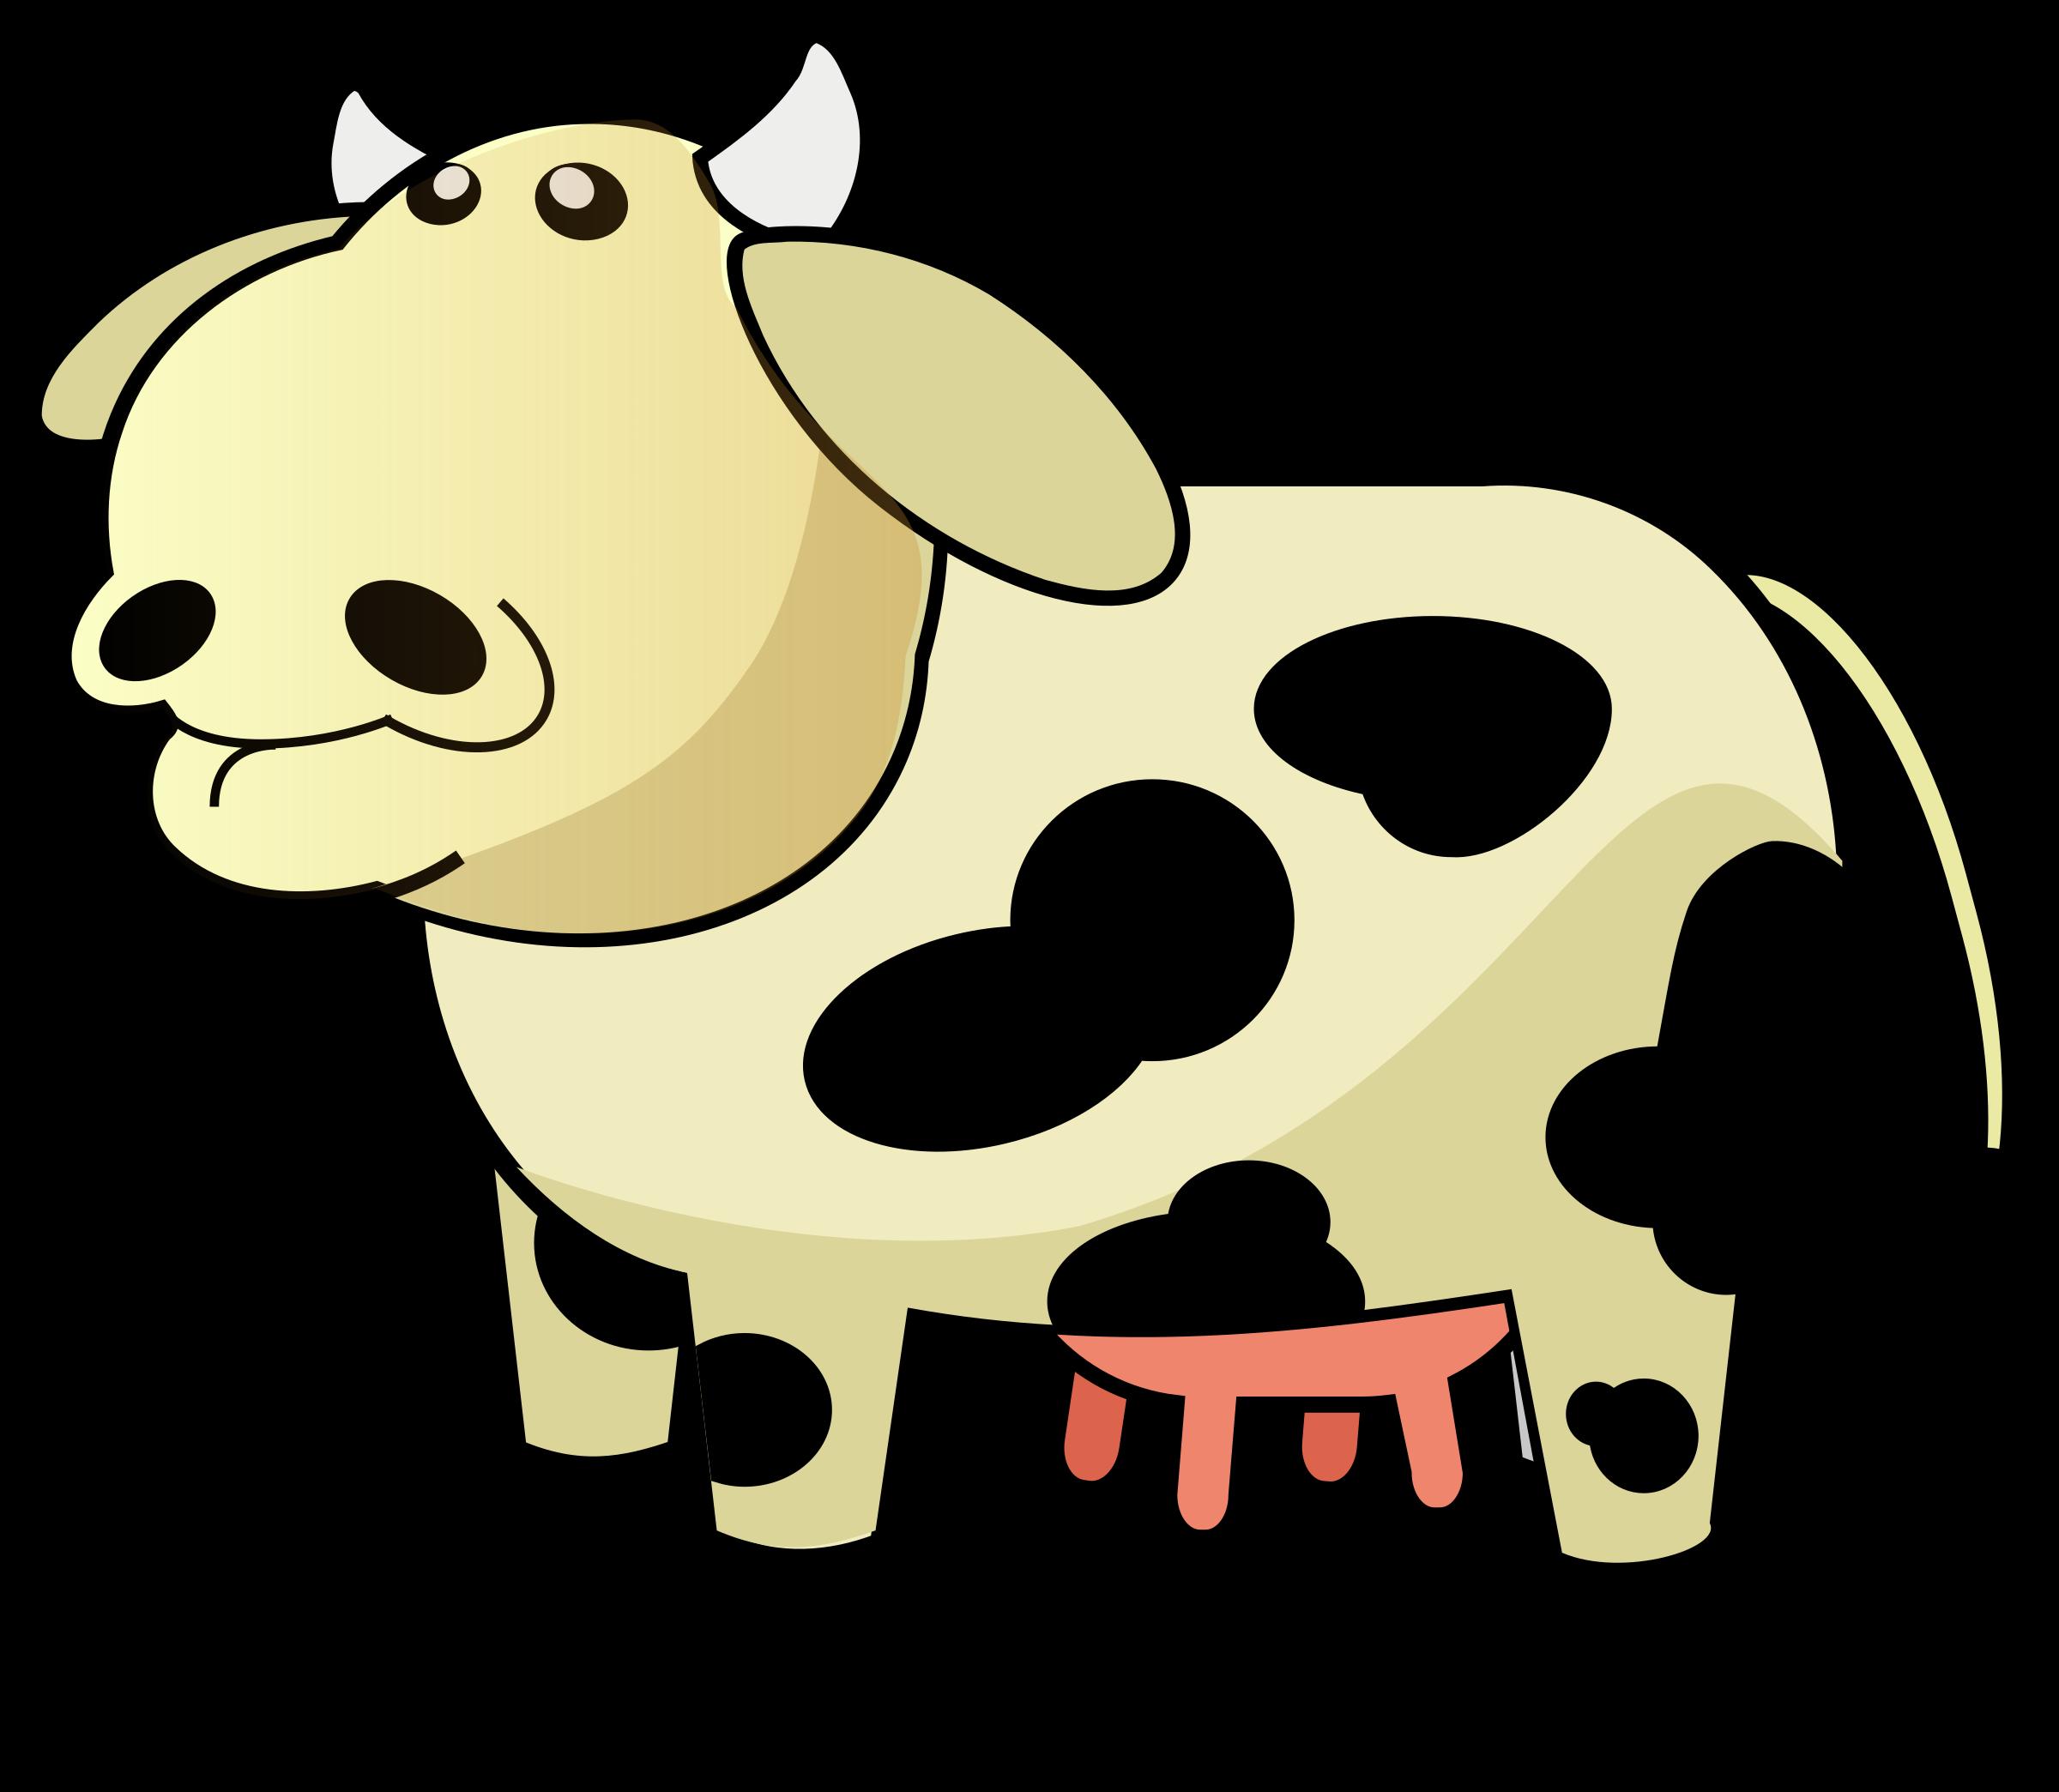 Cows clipart home. Colour cow big image